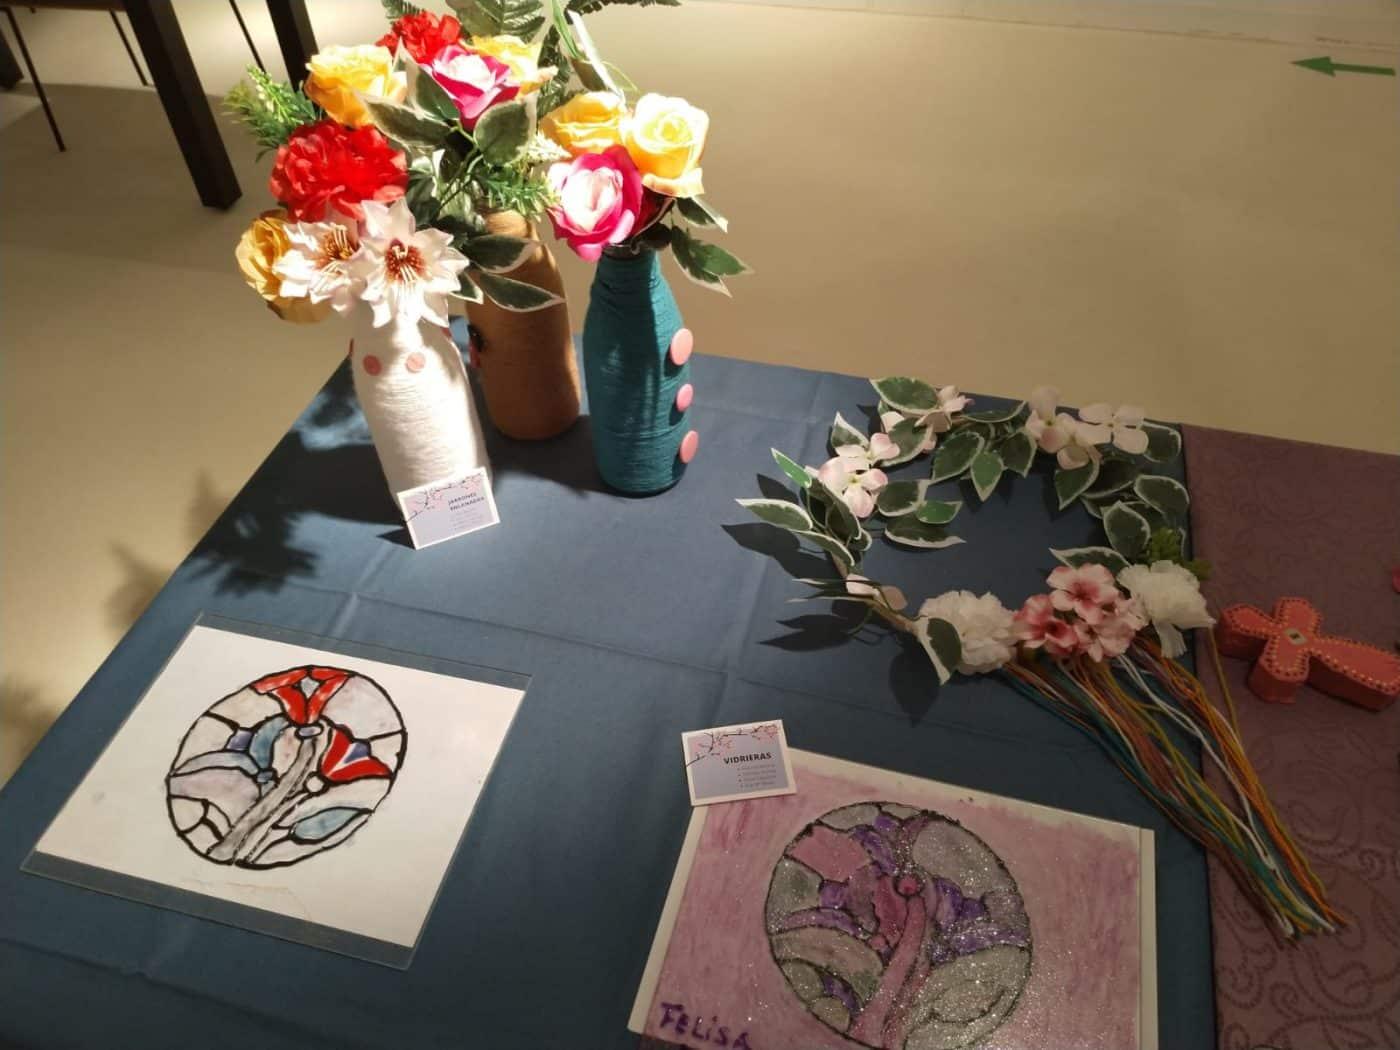 Arte como terapia: Las creaciones de los residentes del Hospital del Santo protagonizan la muestra 'ConFinArte' 1